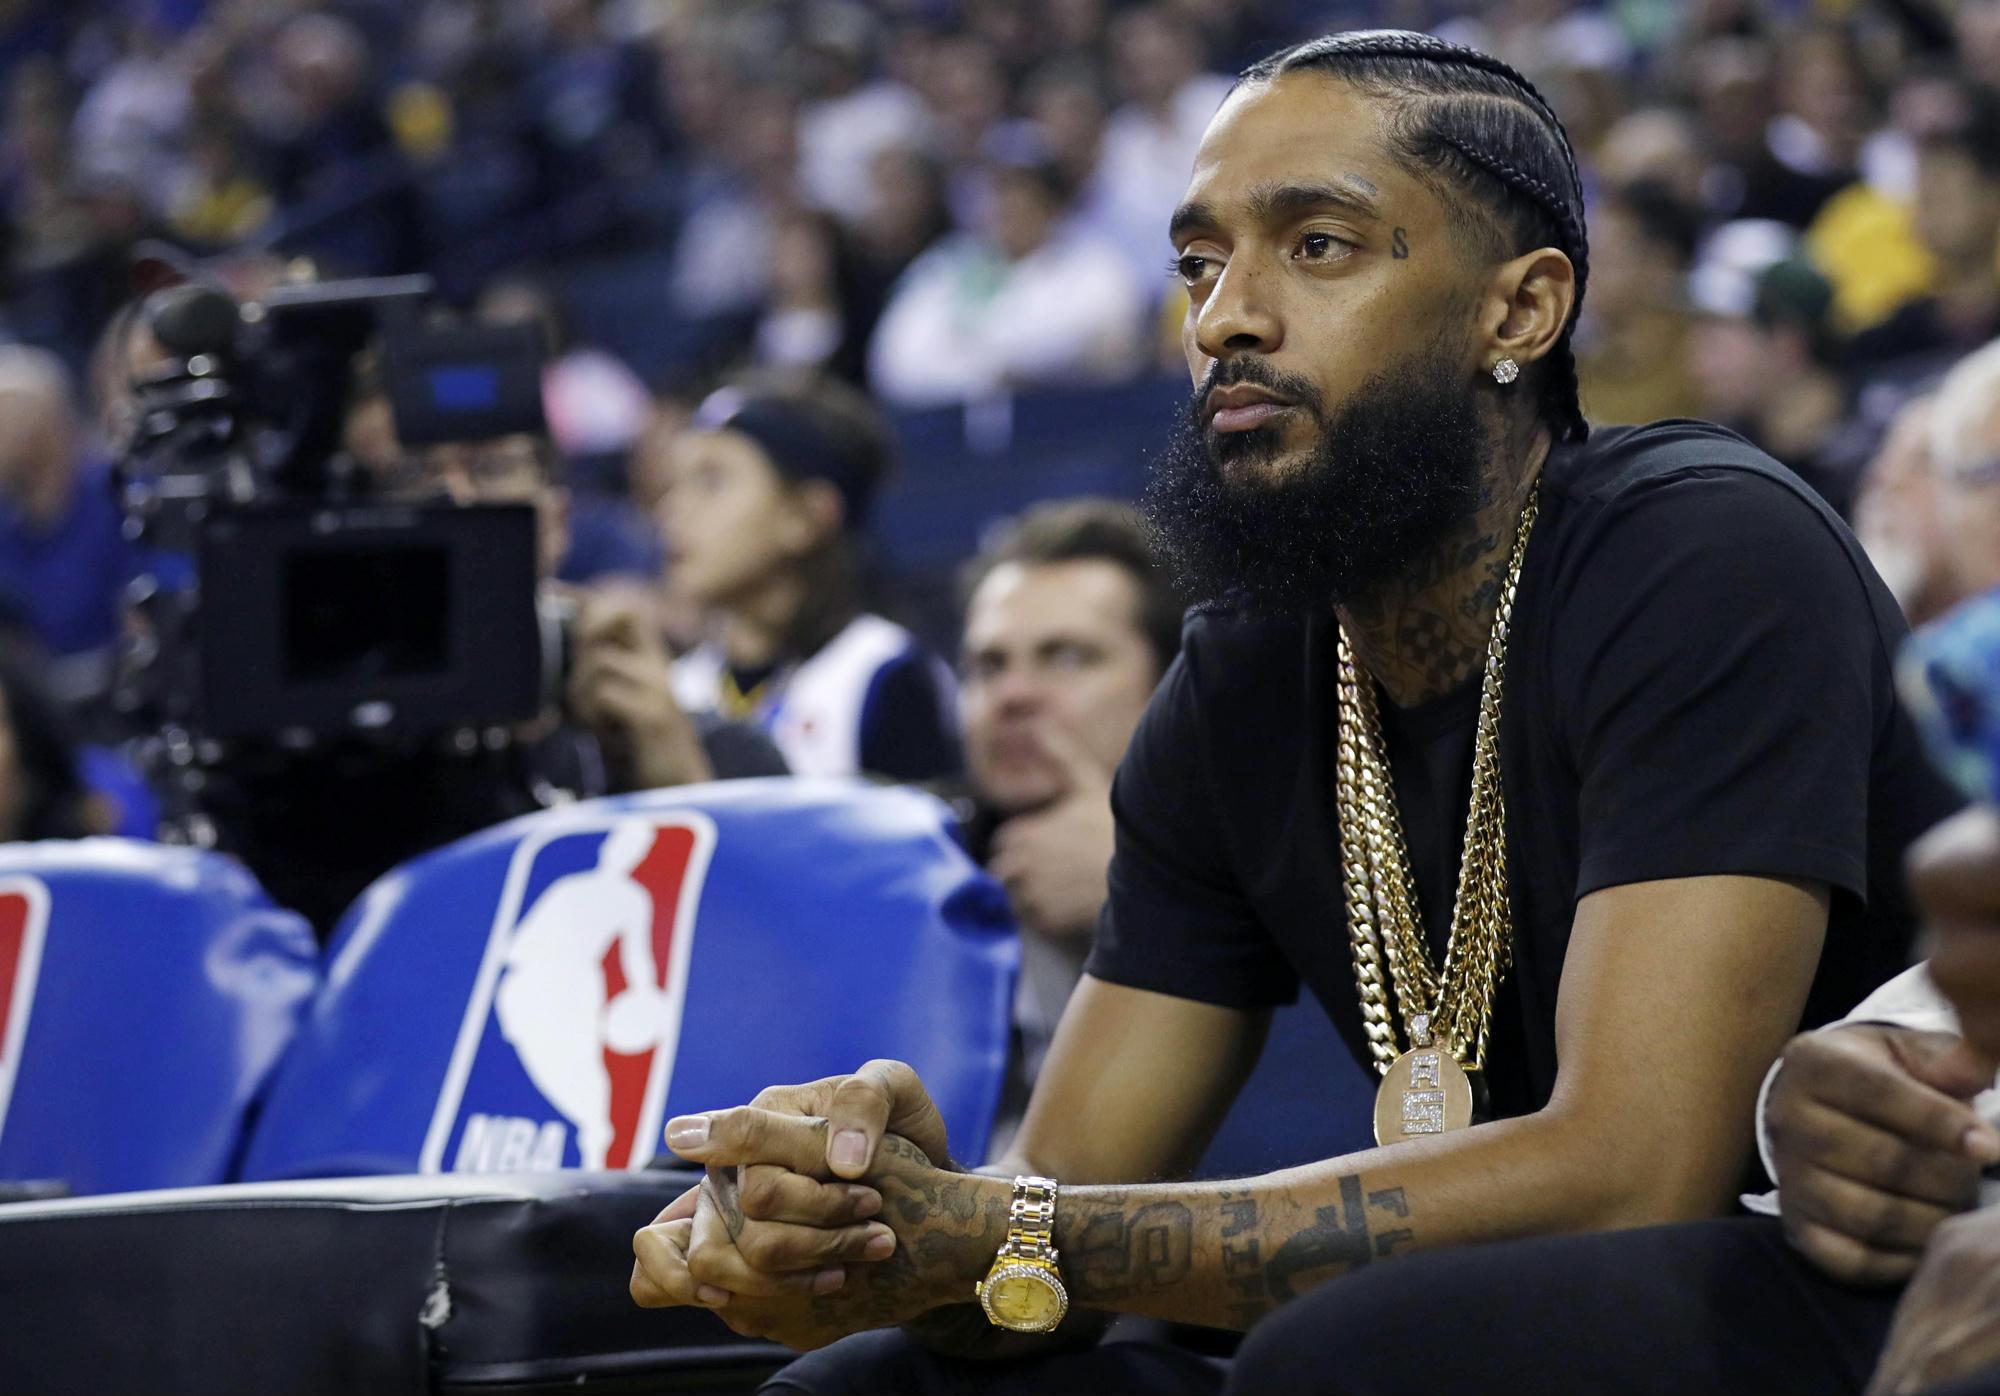 89c3646ee2 Lövöldözés áldozata lett a Grammyre jelölt rapper, Nipsey Hussle - 444